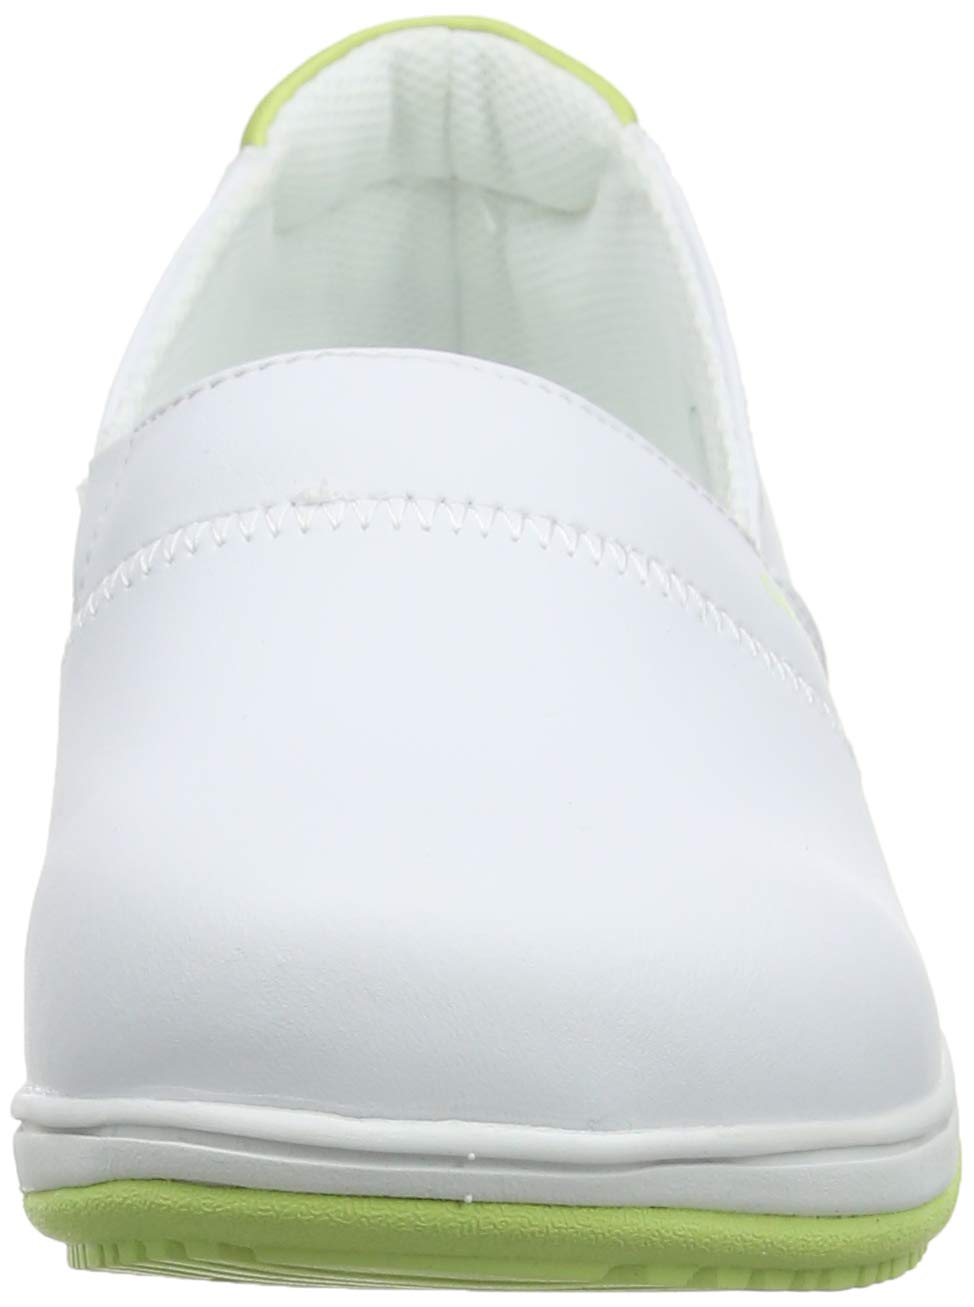 Lic 5.5 UK White 39 EU Oxypas Suzy Womens Safety Shoes